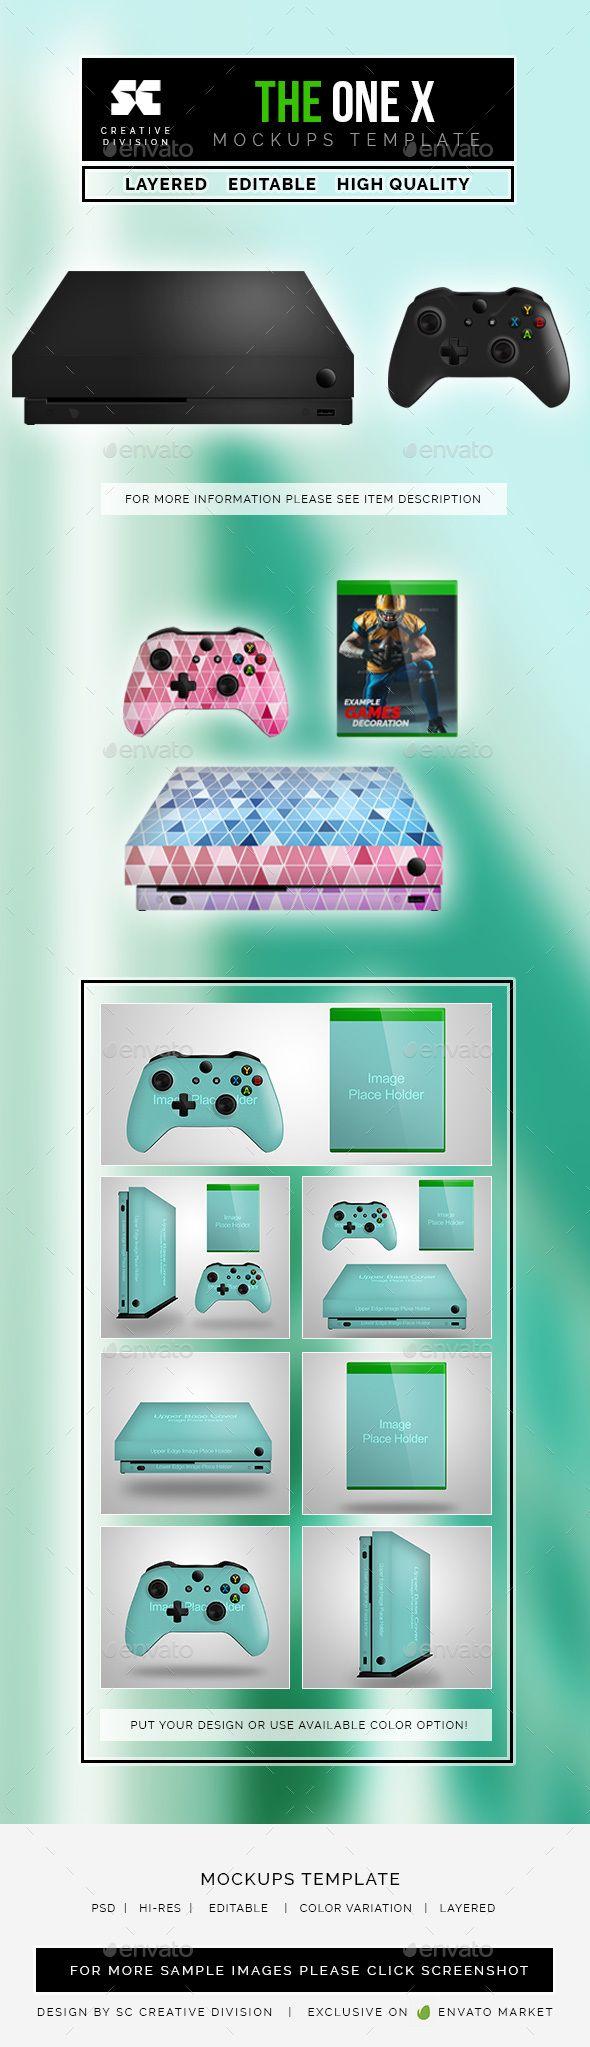 ONE X Console MockUp Mockup, Board game design, Console